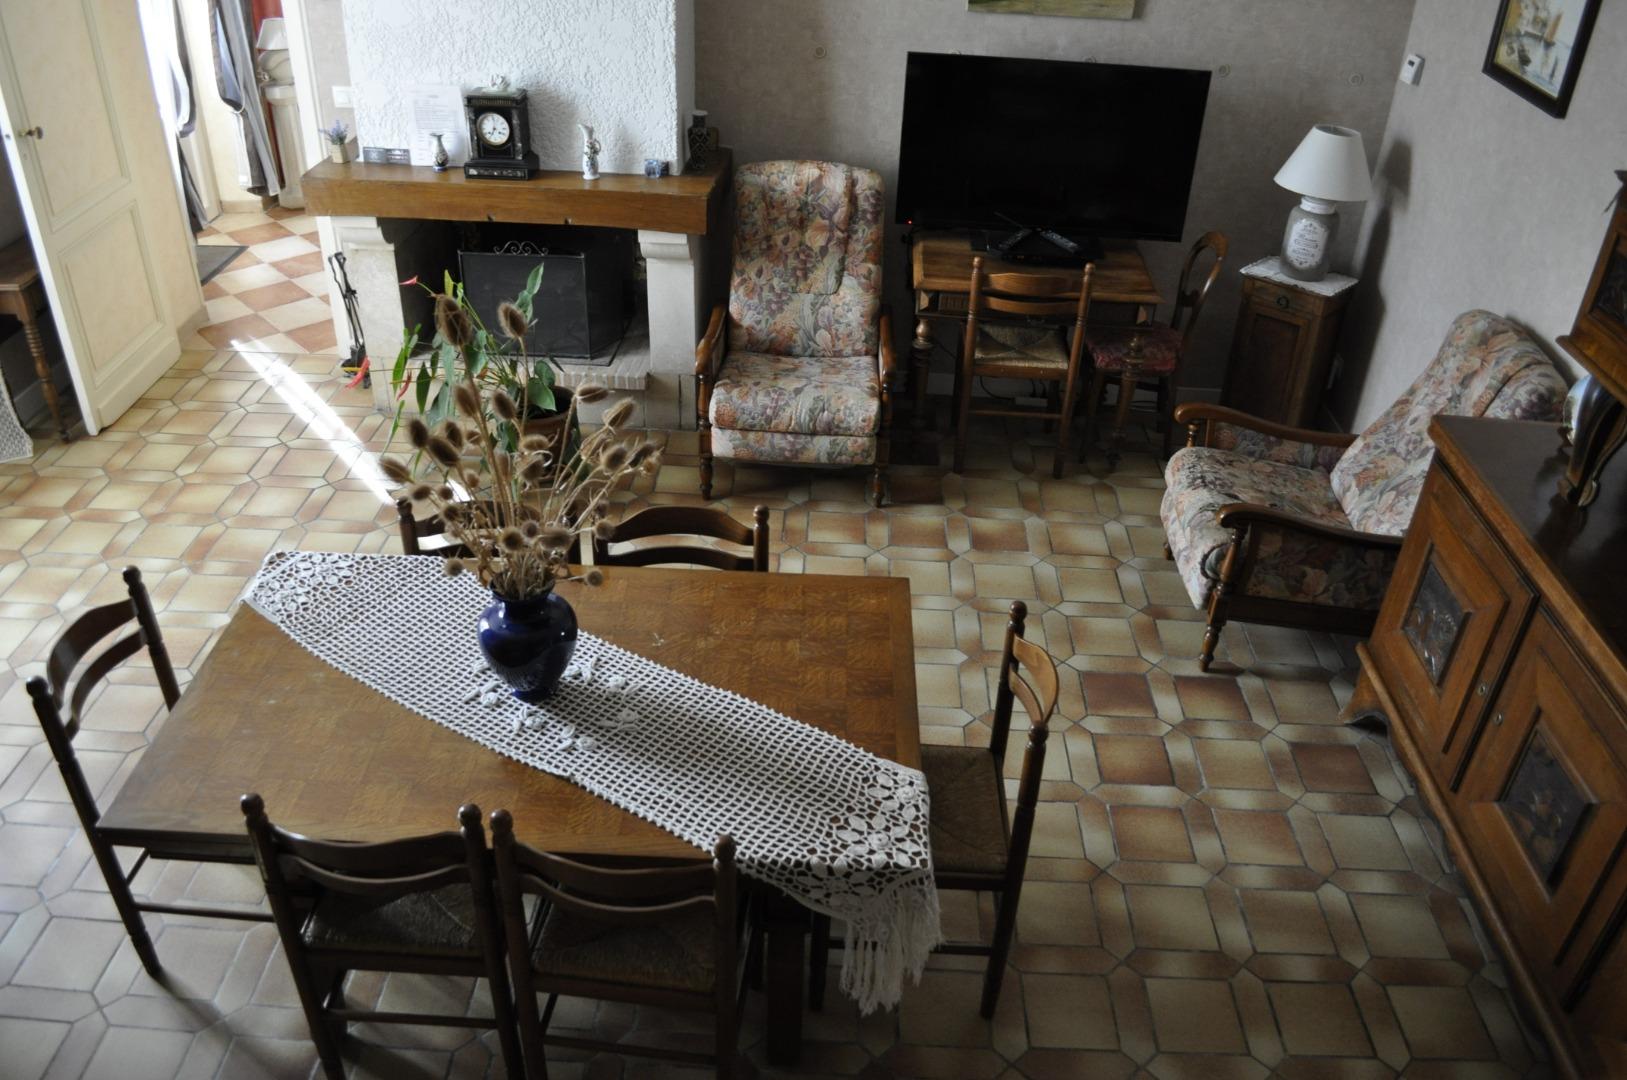 Chambre d'hôte spacieuse à côté de Bordeaux